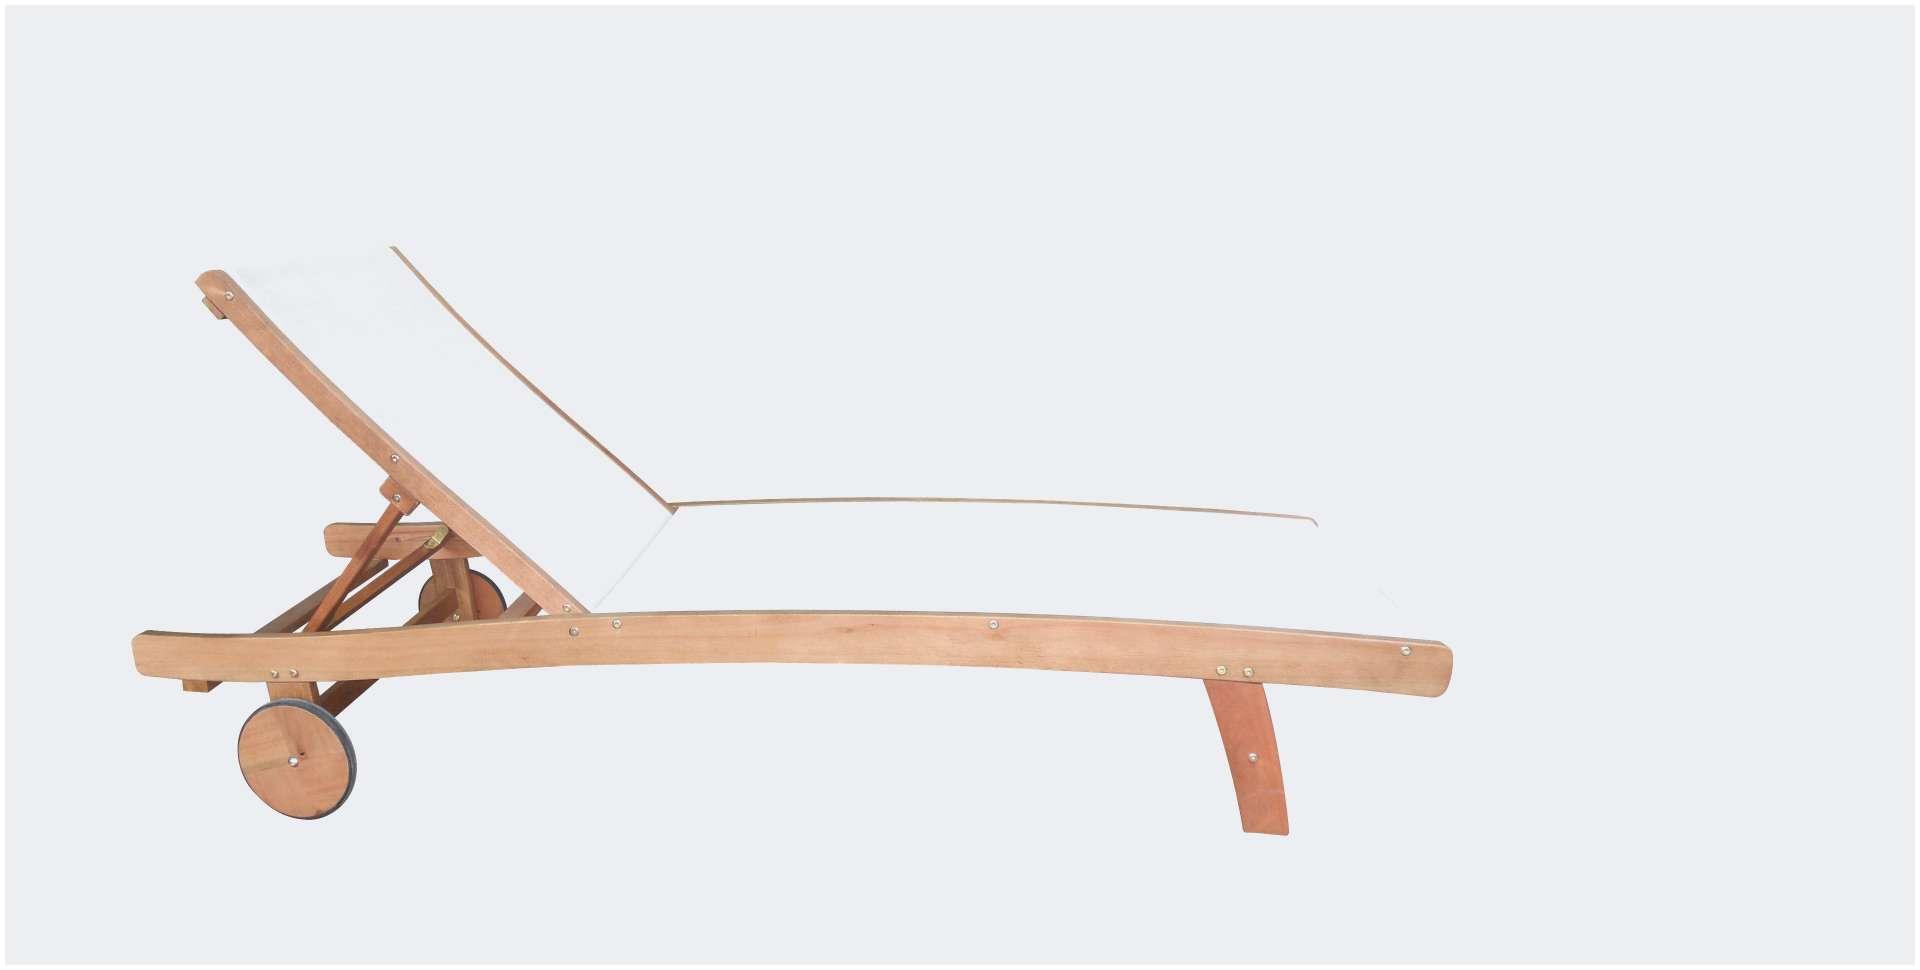 table pliante marche bain de soleil blanc 33 transat dul c3 a9 avec matelas en r a9sine avec bain frais 21 fantastique tresse colle portrait idee cadeau pour alternative table pliante marche